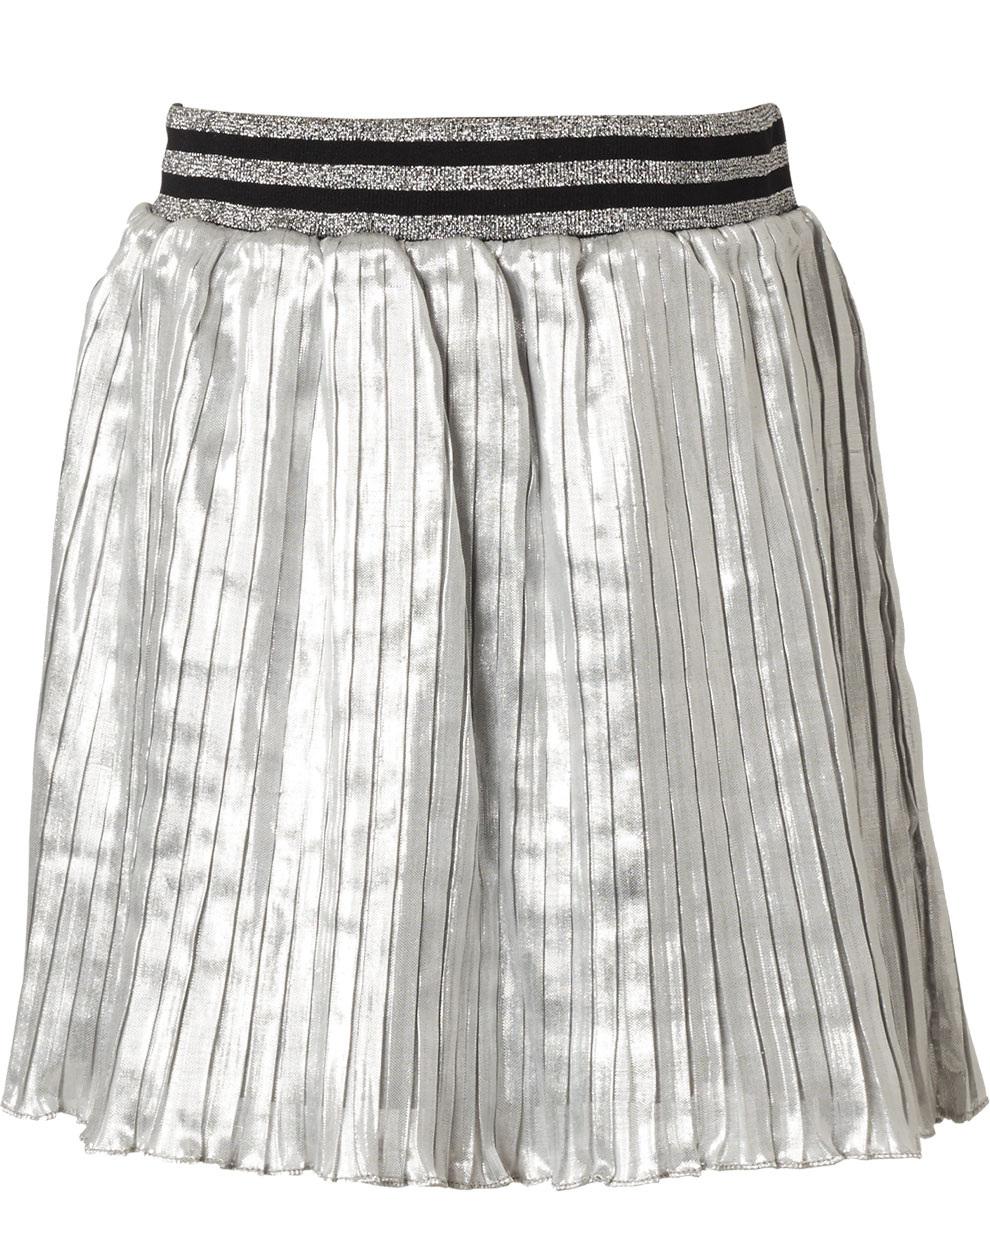 Πλισσέ φούστα με λάστιχο στη μέση 16-119200-3 - Ασημί - 15828-91/12/141/111